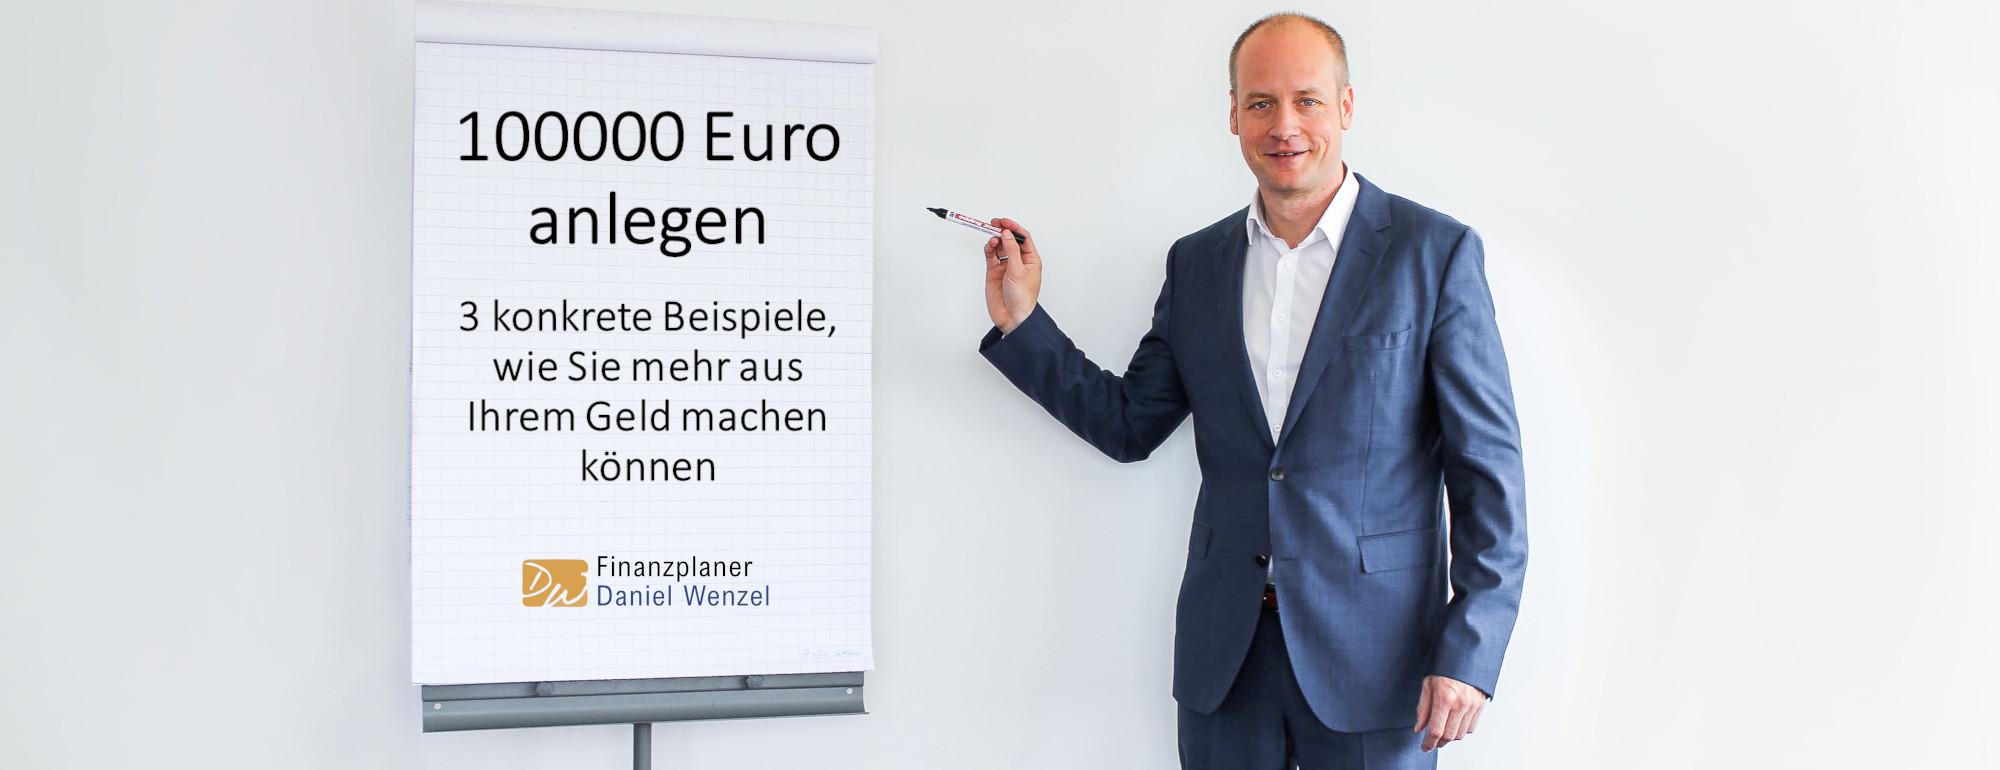 100000 Euro anlegen - 3 konkrete Beispiele, wie Sie mehr aus Ihrem Geld machen können